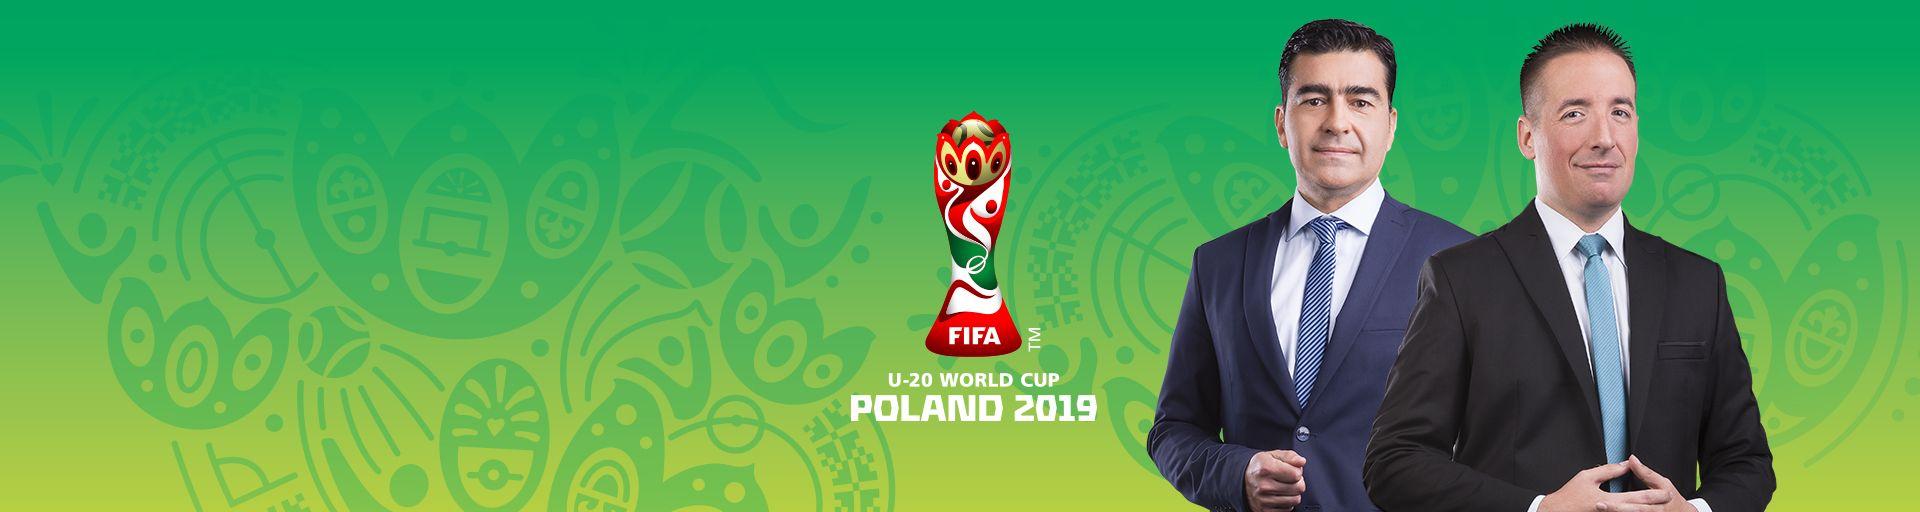 MUNDIAL SUB20 POLONIA 2019